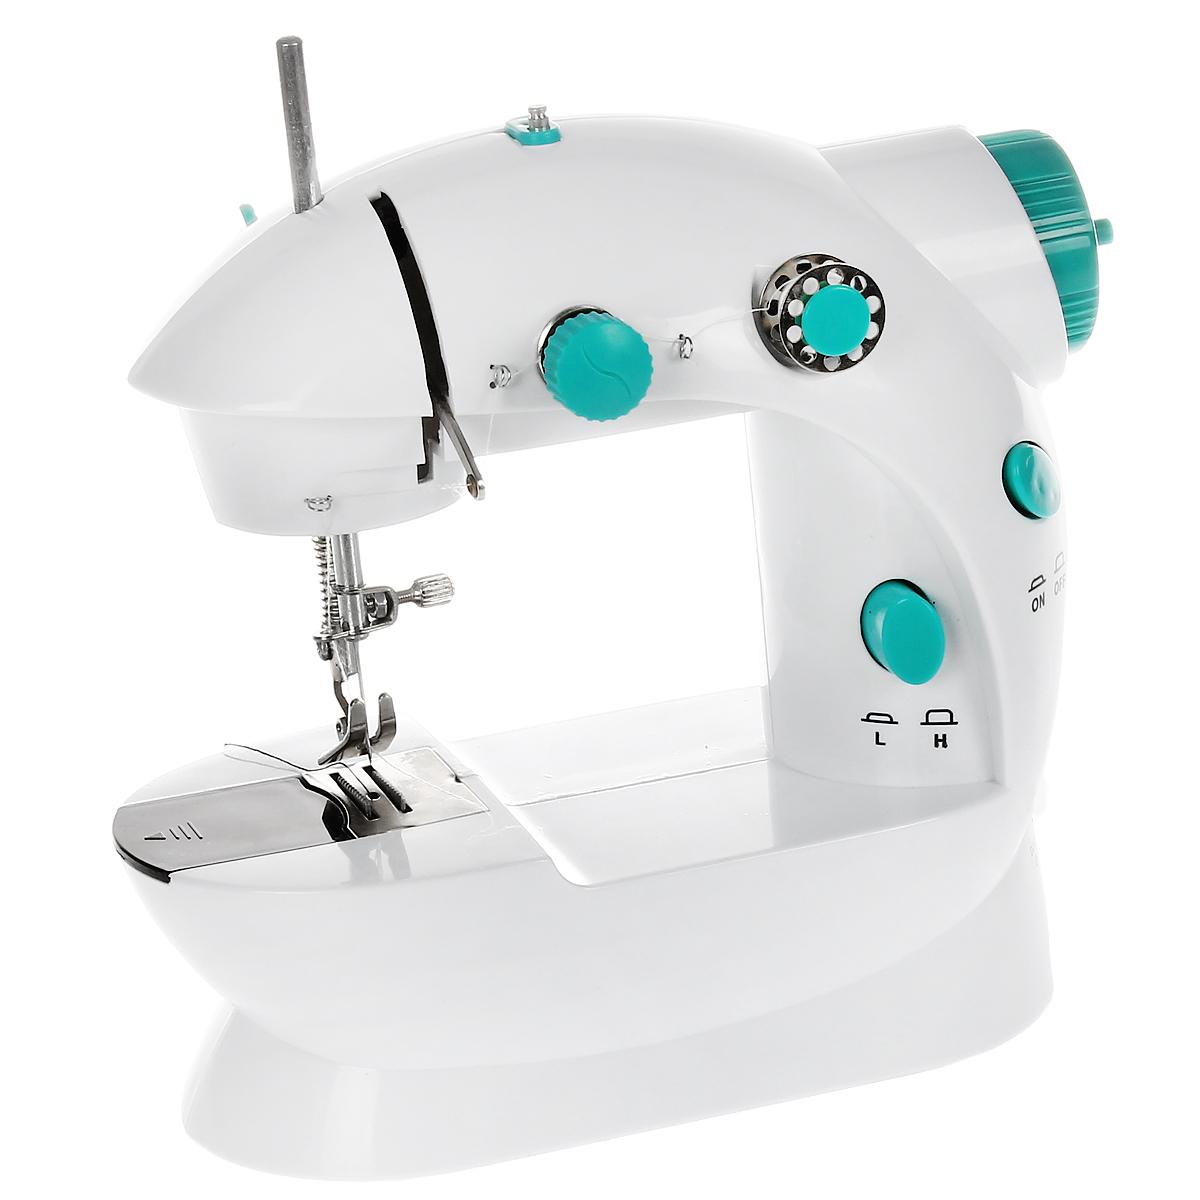 Машинка швейная Bradex Портняжка, компактная